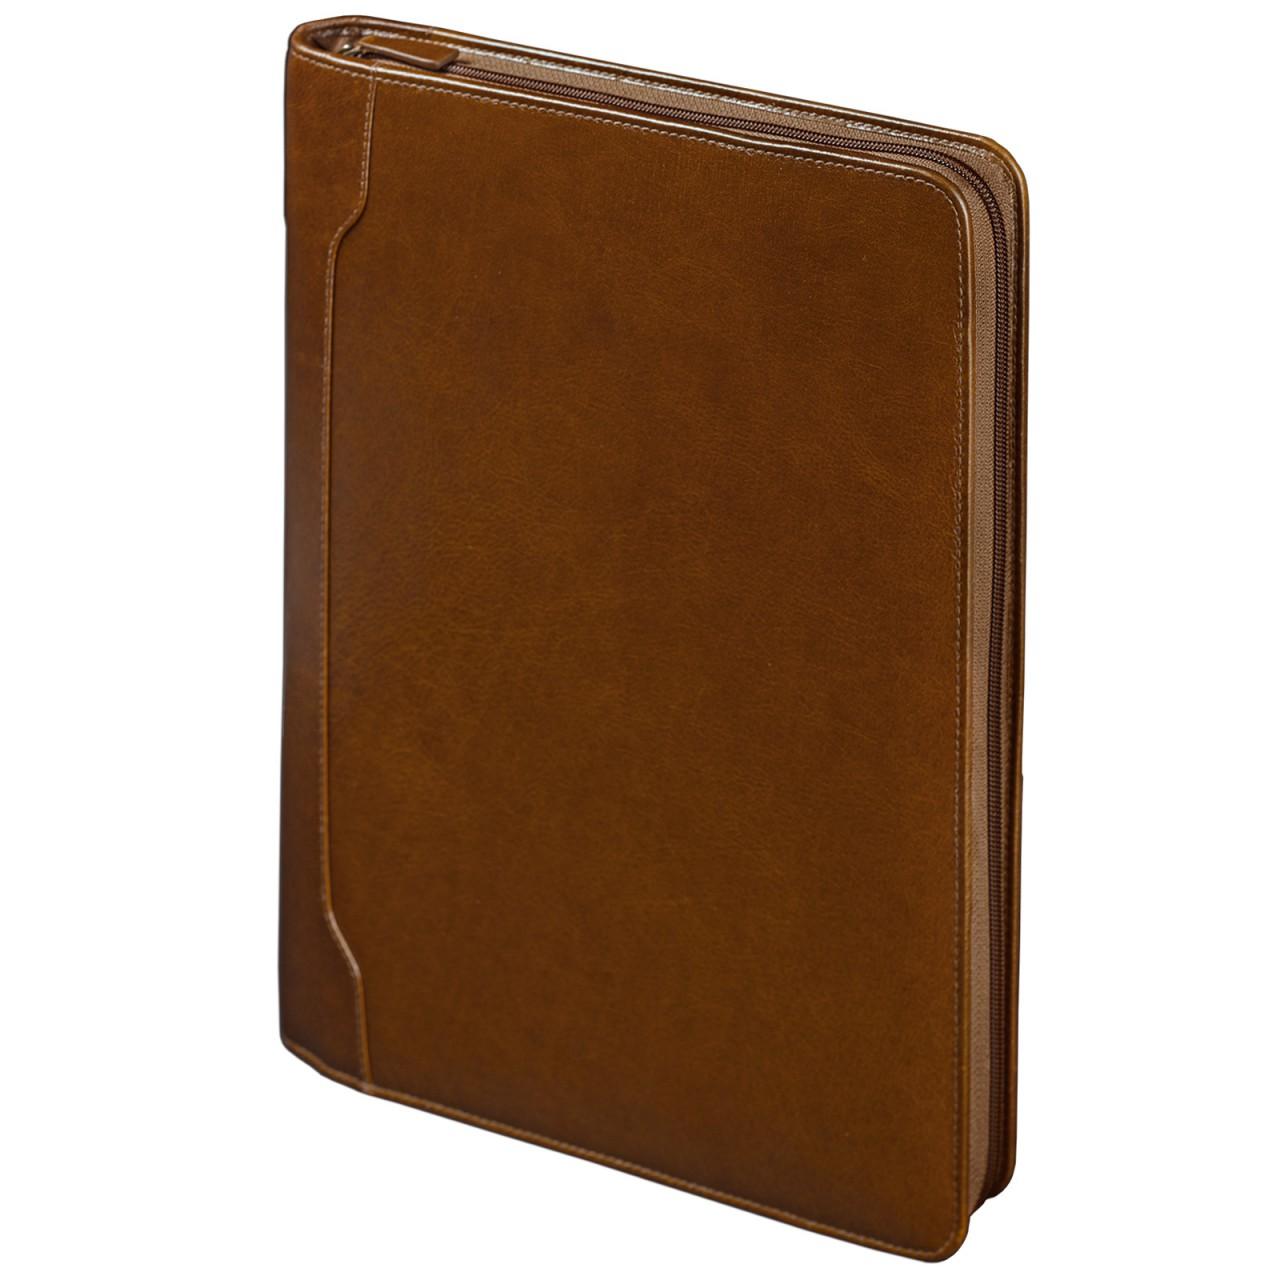 """STILORD """"Vincent"""" Dokumentenmappe A4 Organizer mit Ringbuch Konferenzmappe Schreibmappe groß elegant Business echtes Leder, braun - Bild 1"""